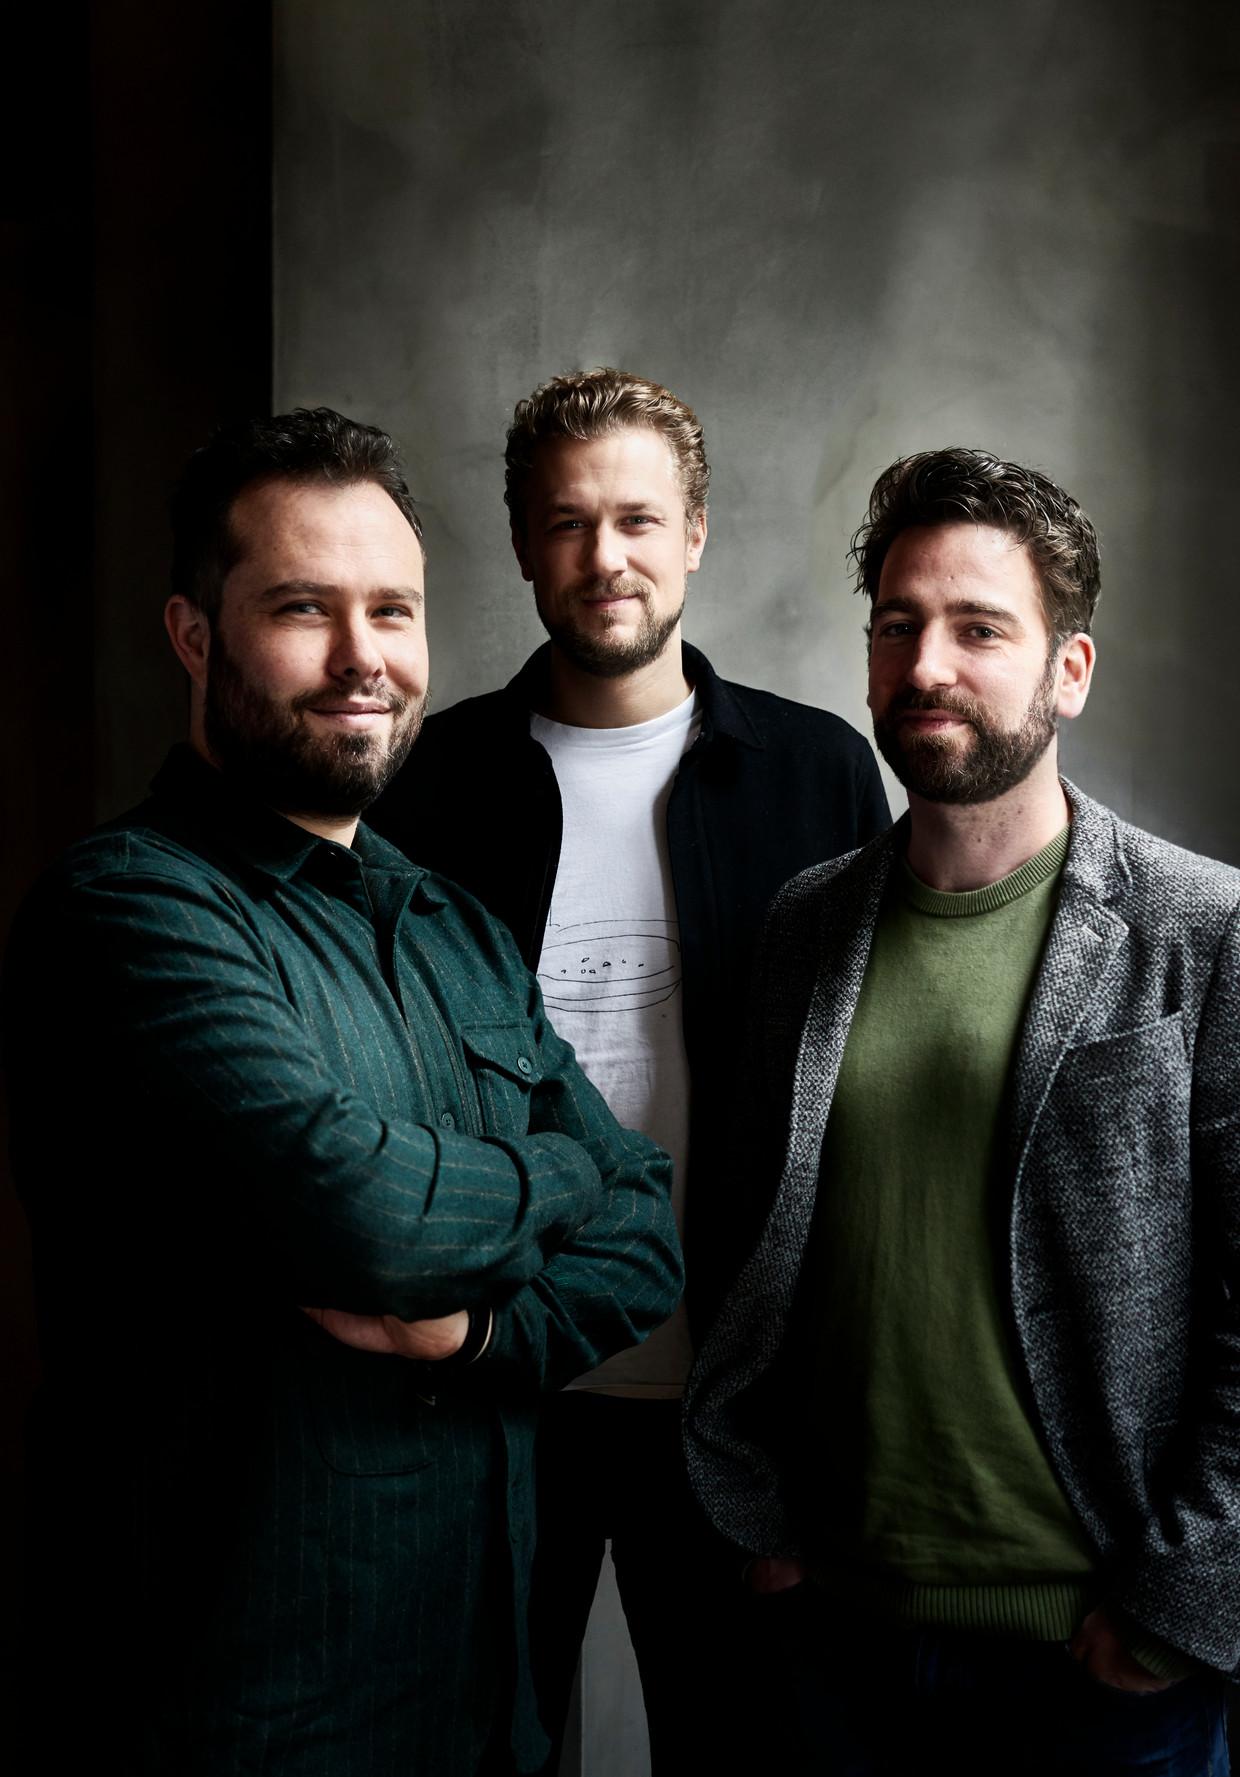 Van links naar rechts: Samuel Levie, Joris Bijdendijk en Joris Lohman. Beeld Rein Janssen